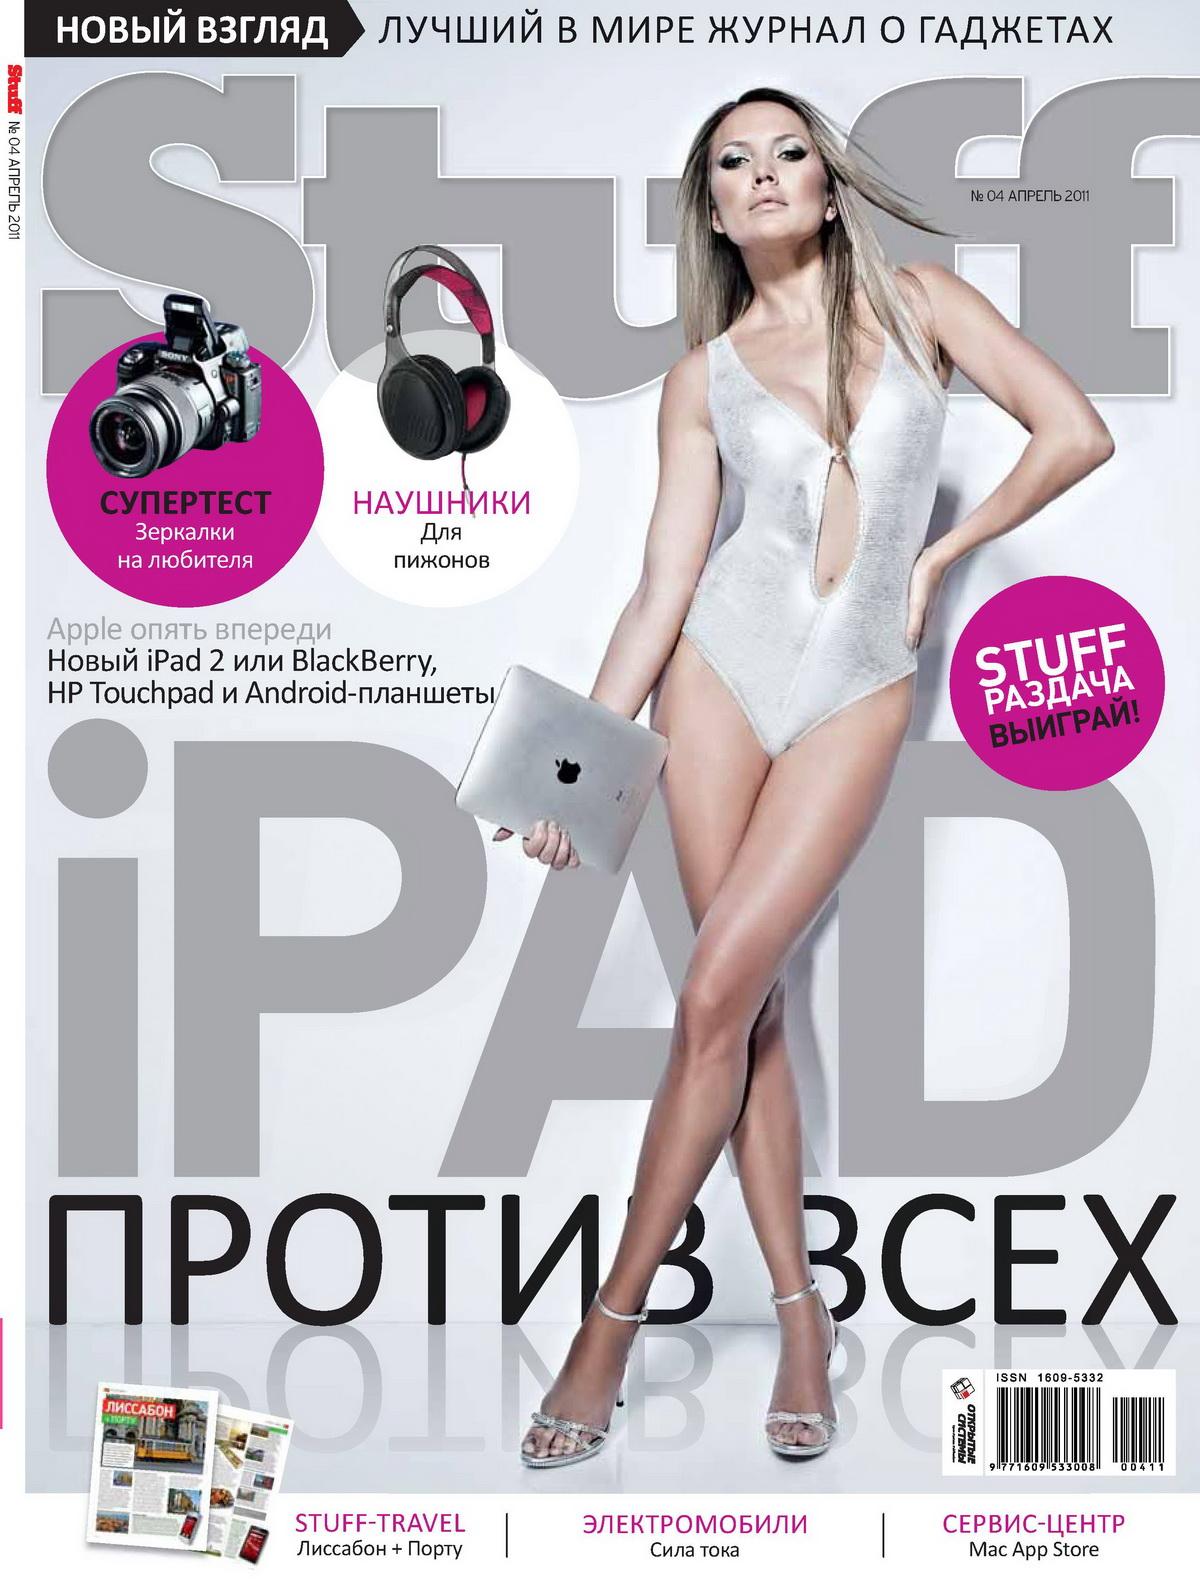 Stuff No.4 Russia – April 2011